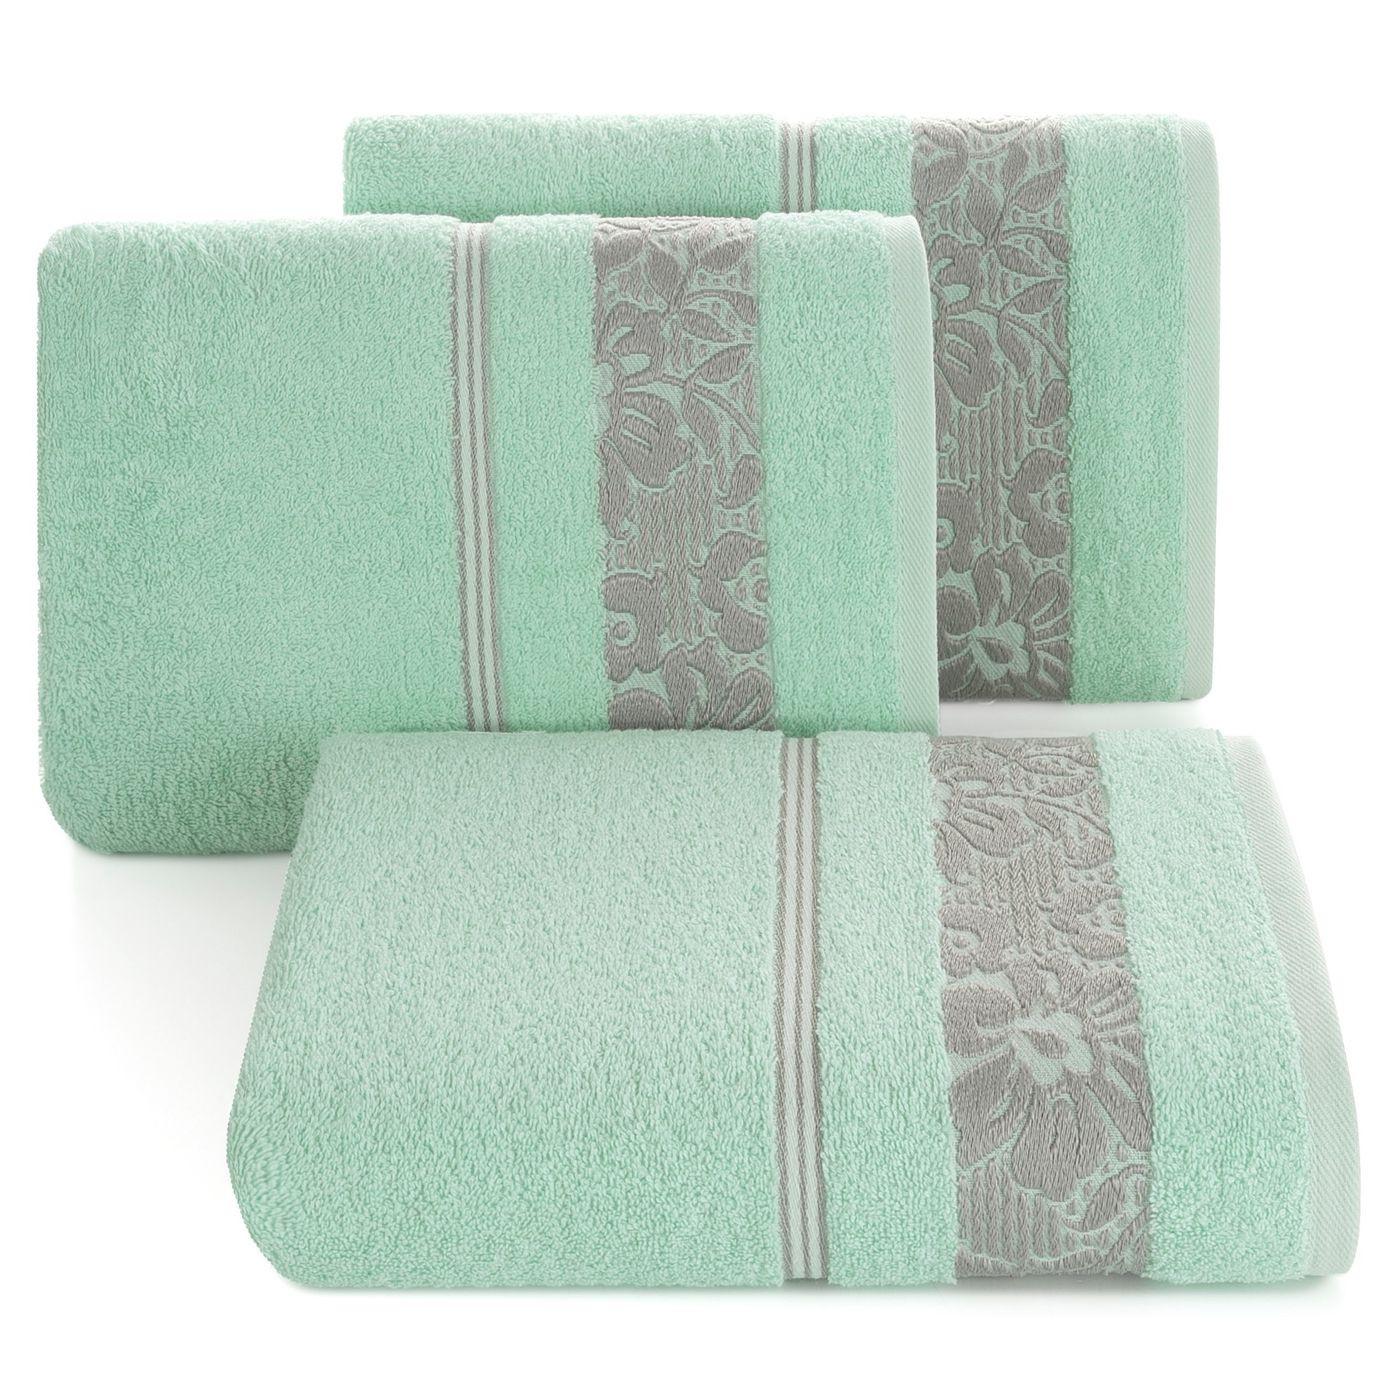 Ręcznik z bawełny z kwiatowym wzorem na bordiurze 70x140cm miętowy